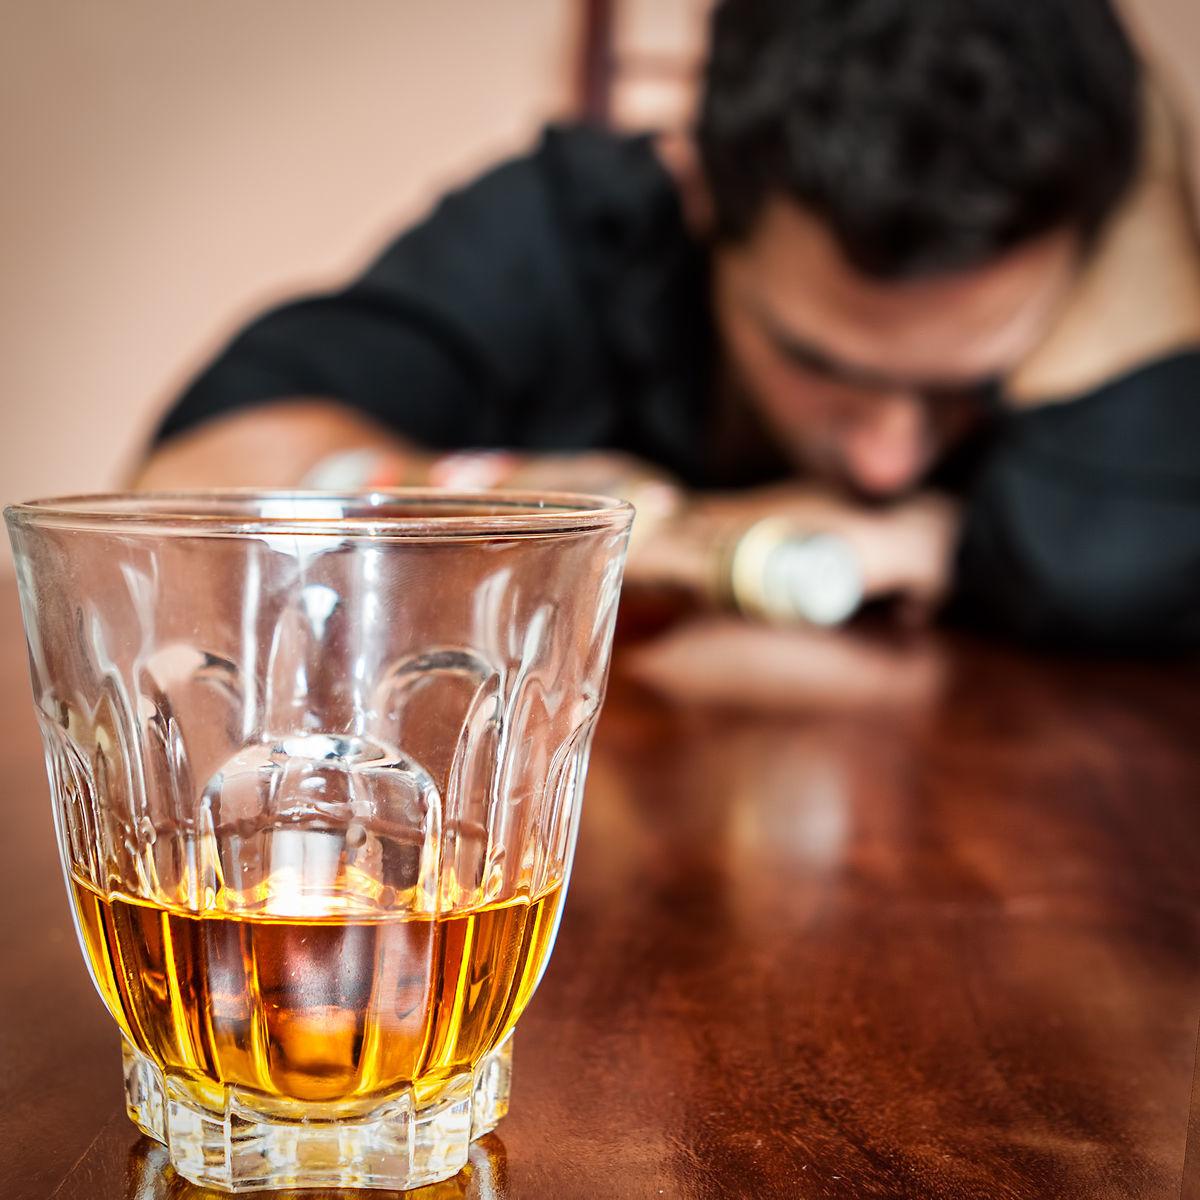 Štatistiky sú neúprosné. V starých učebniciach sa pomer od alkoholu závislých žien a mužov uvádzal jedna k dvadsiatim. Dnes je to jedna ku trom.